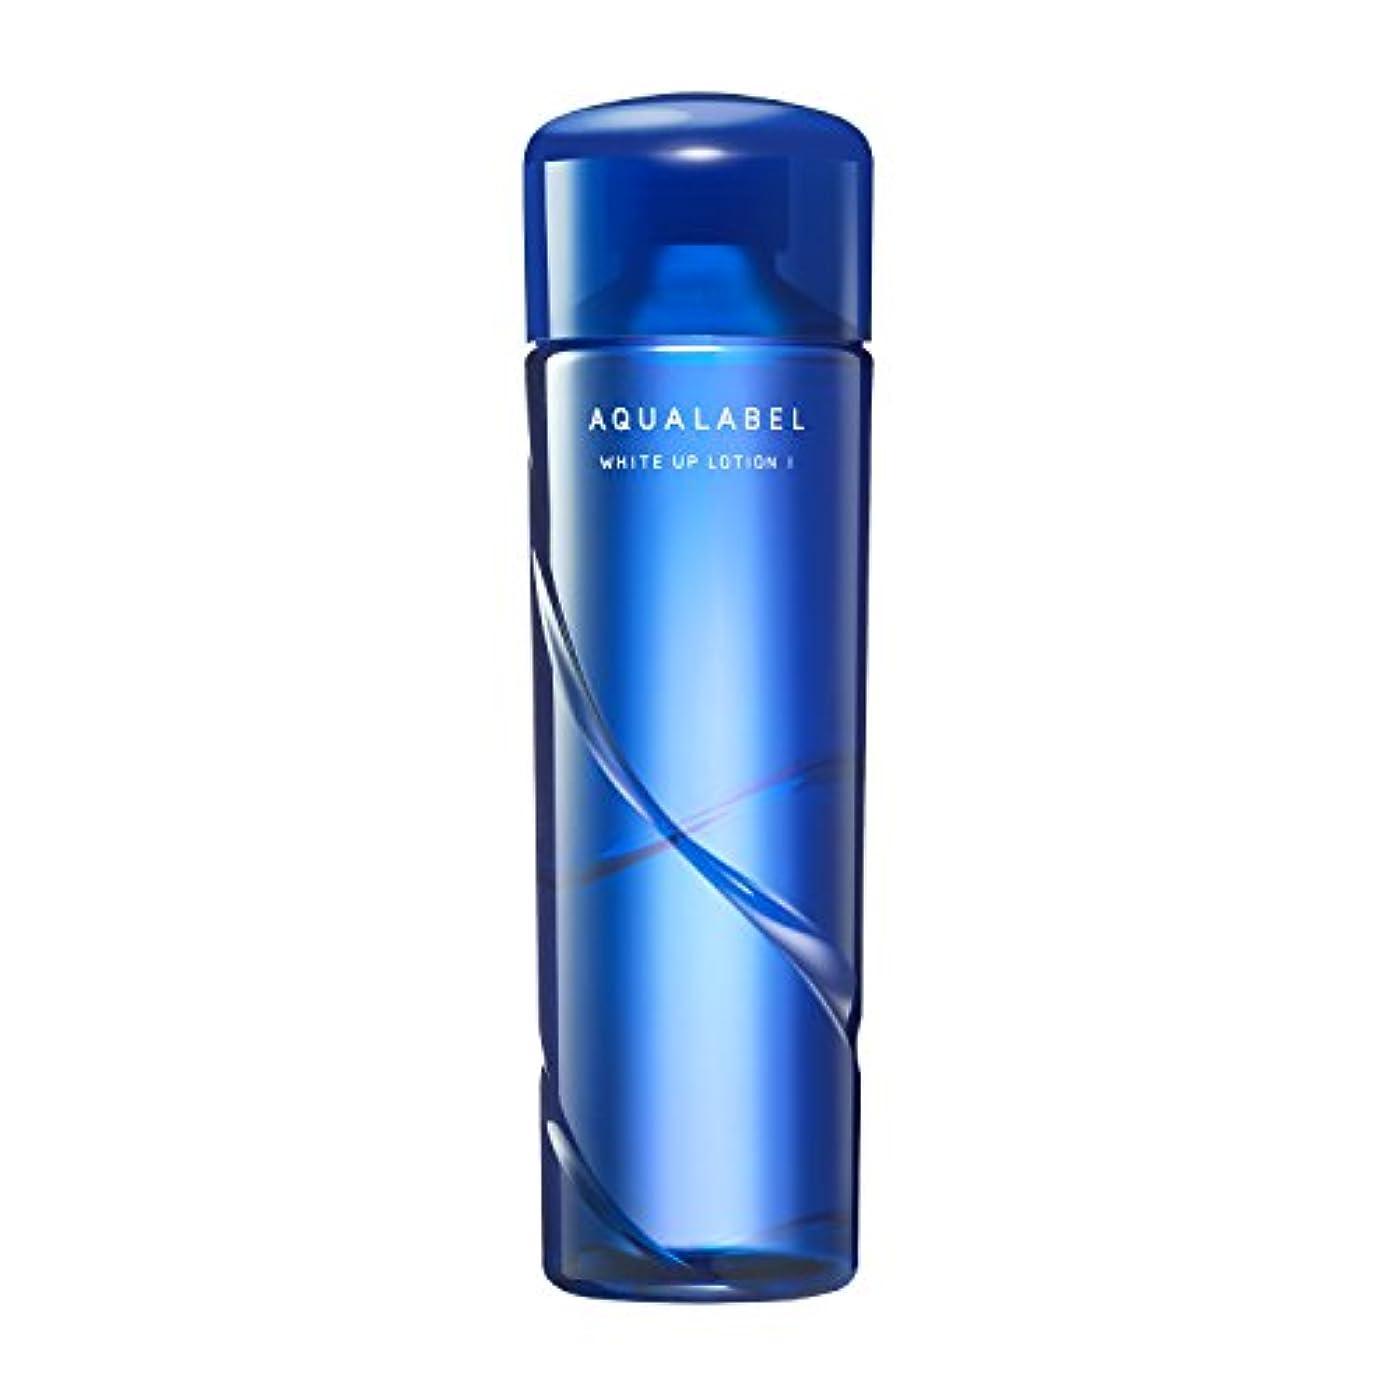 豪華な酸度ではごきげんようアクアレーベル ホワイトアップ ローション 保湿?美白化粧水 (1) さっぱり 200mL 【医薬部外品】